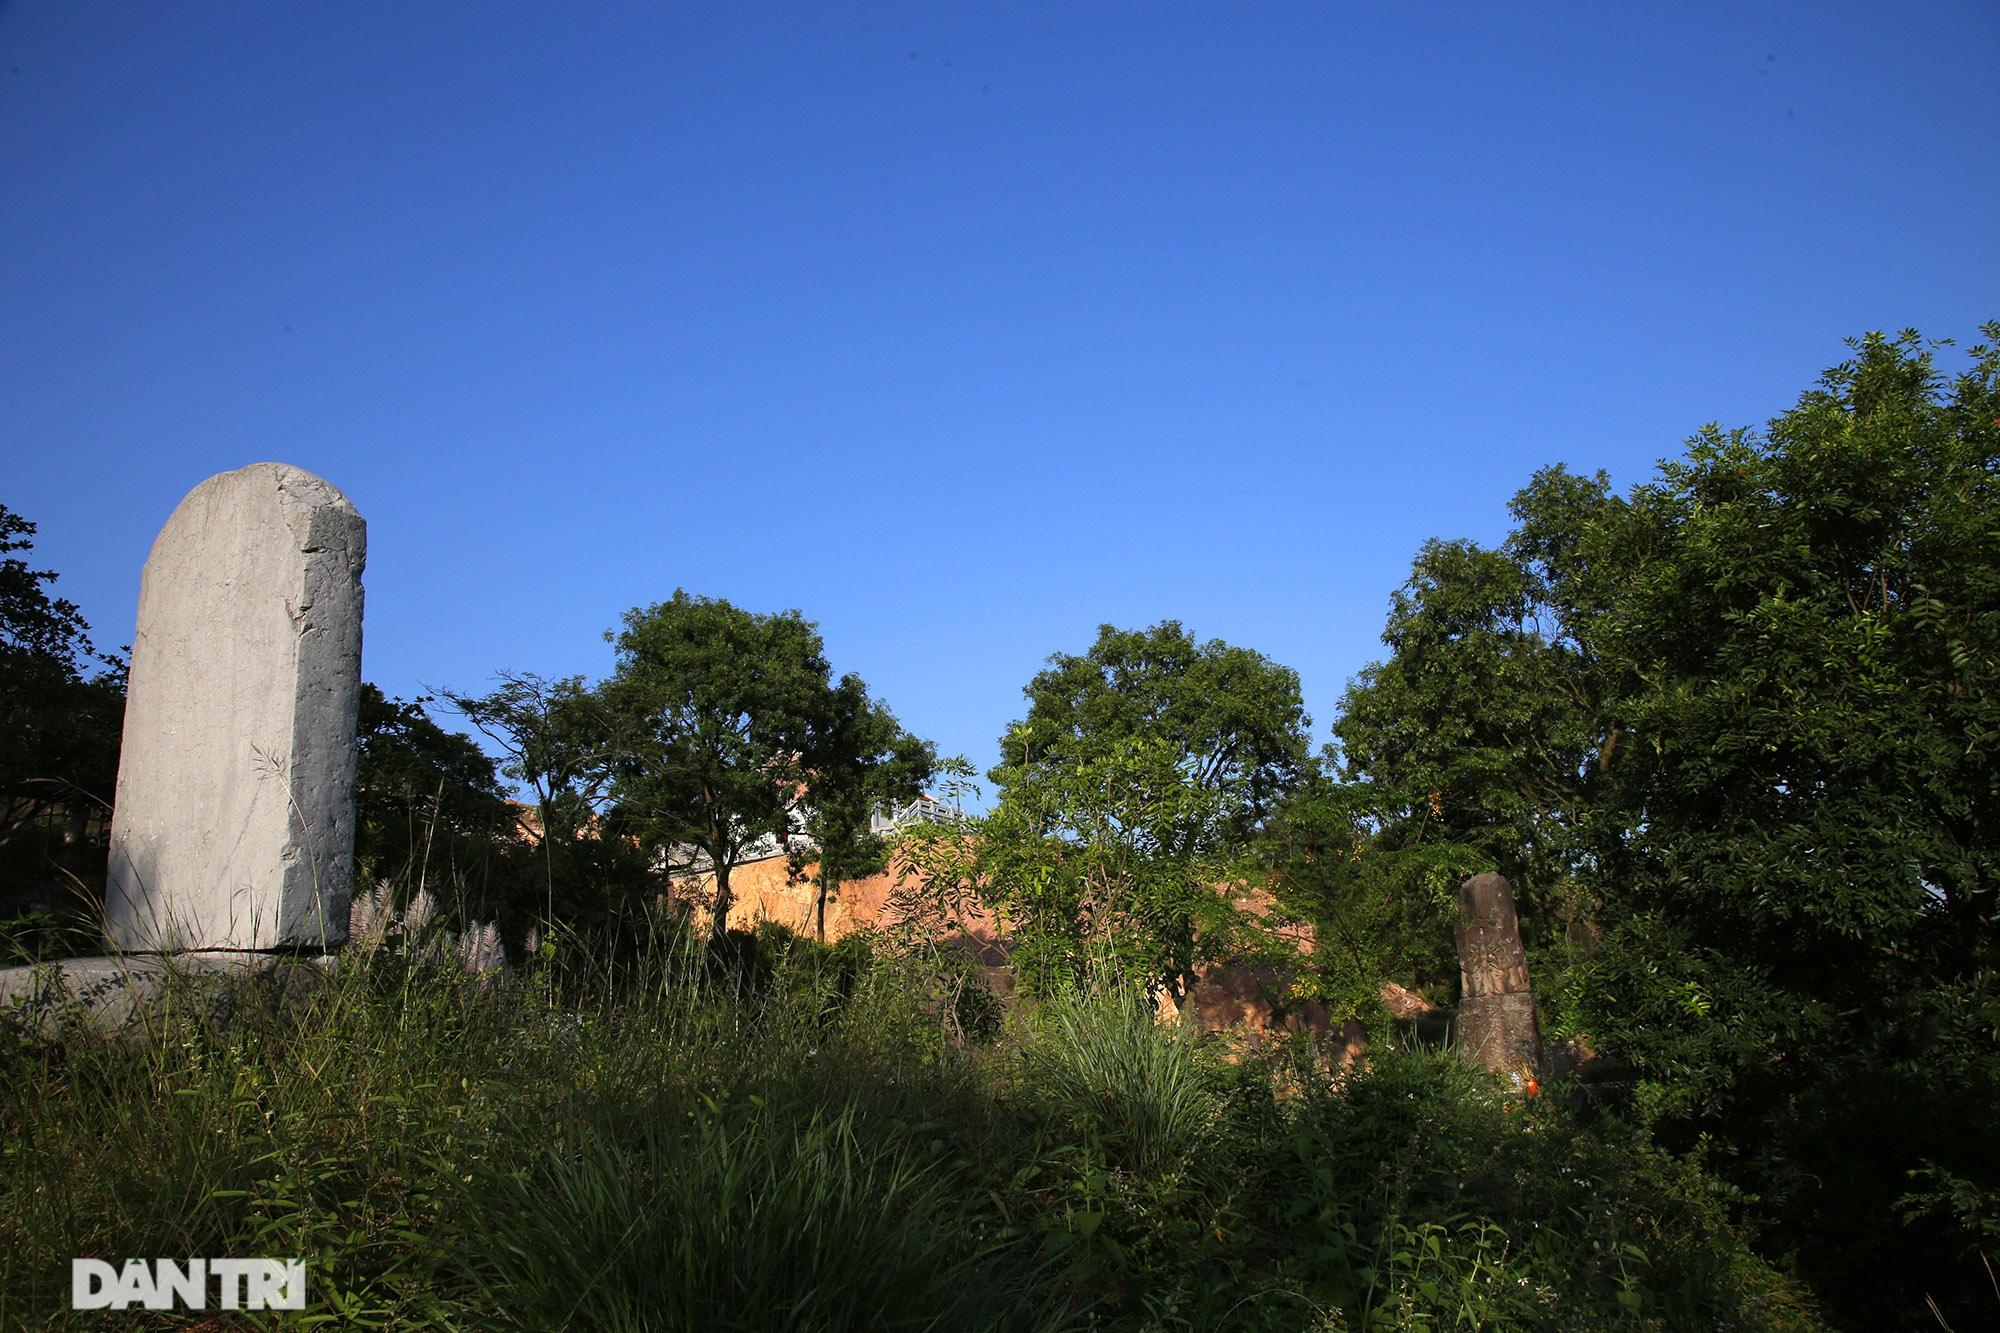 Bí ẩn cột đá nghìn năm tuổi bên sườn núi Đại Lãm, Bắc Ninh - 13